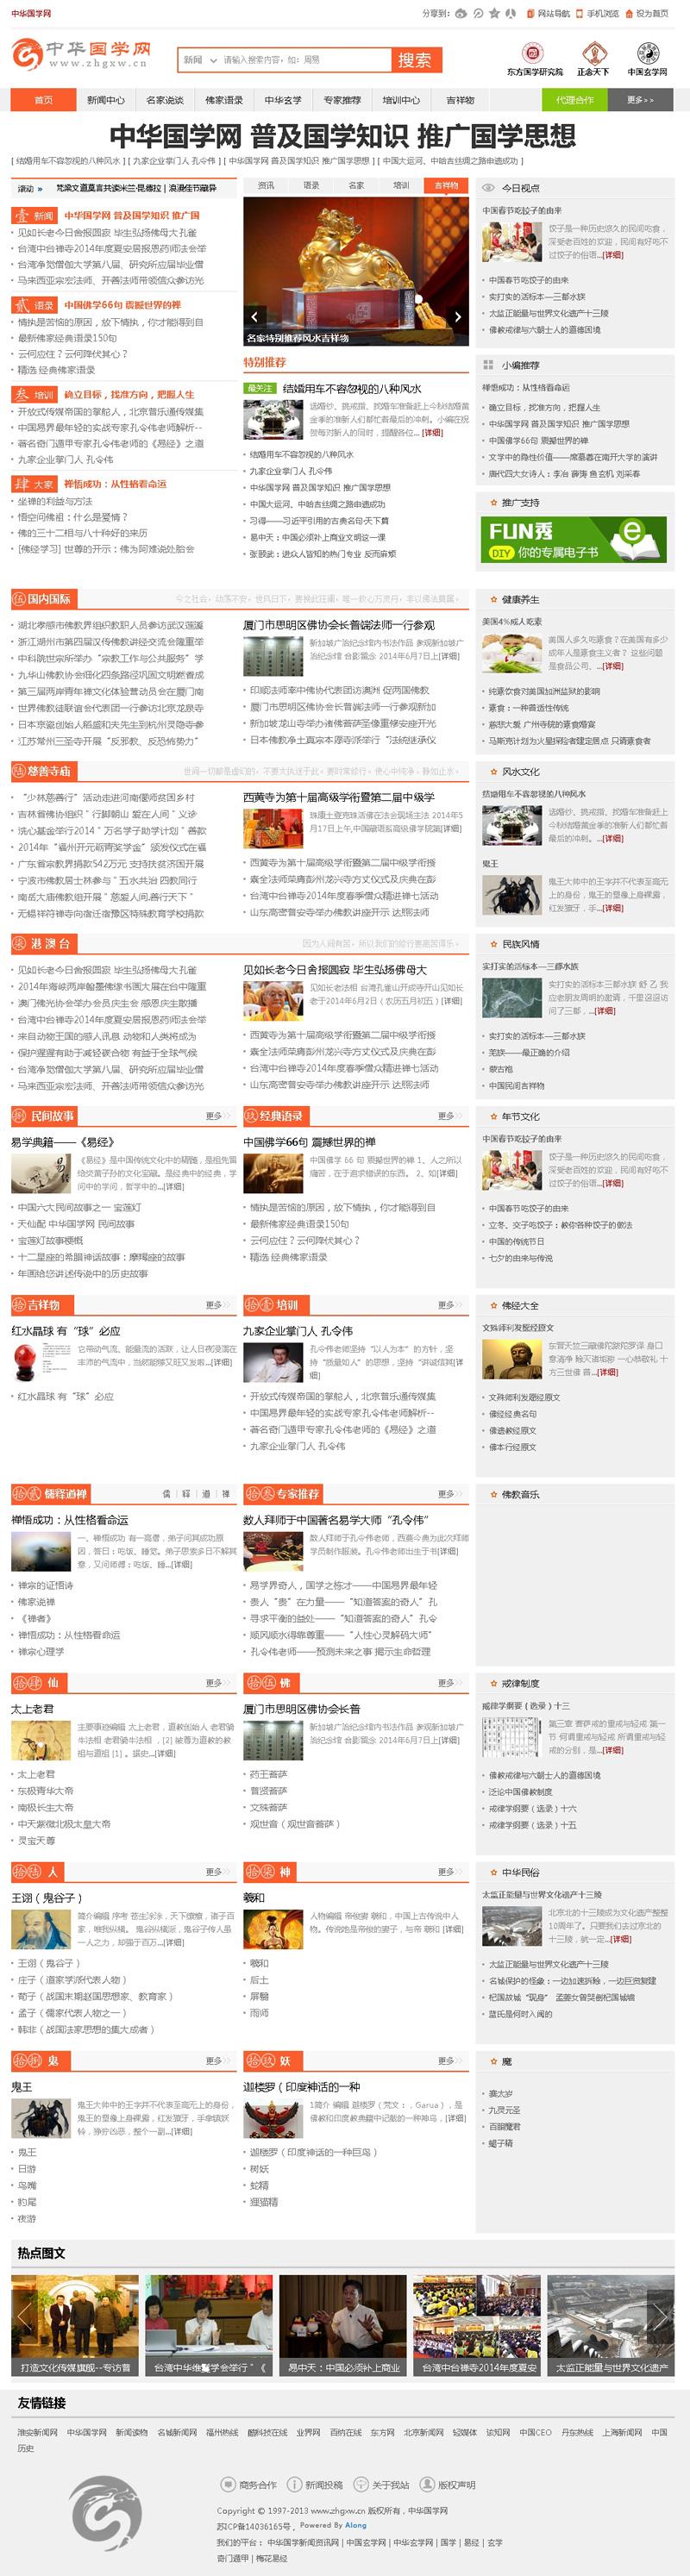 中华国学网模板 新闻资讯网站模板